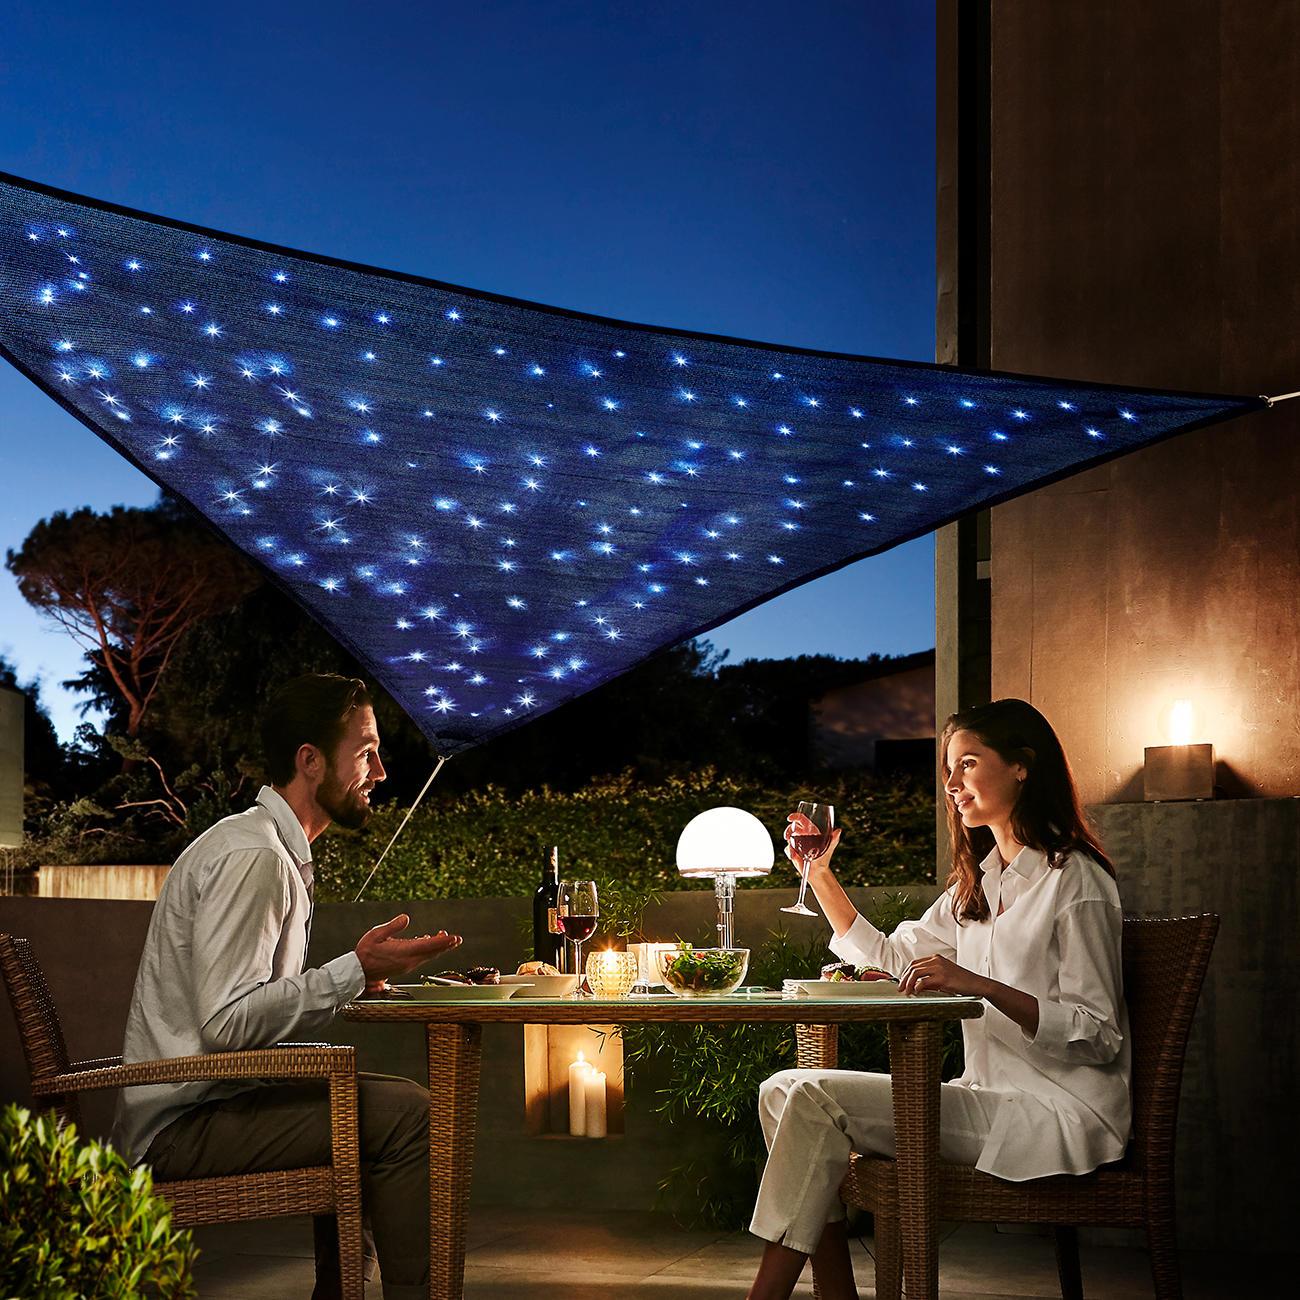 sonnensegel sternenhimmel mit 3 jahren garantie. Black Bedroom Furniture Sets. Home Design Ideas